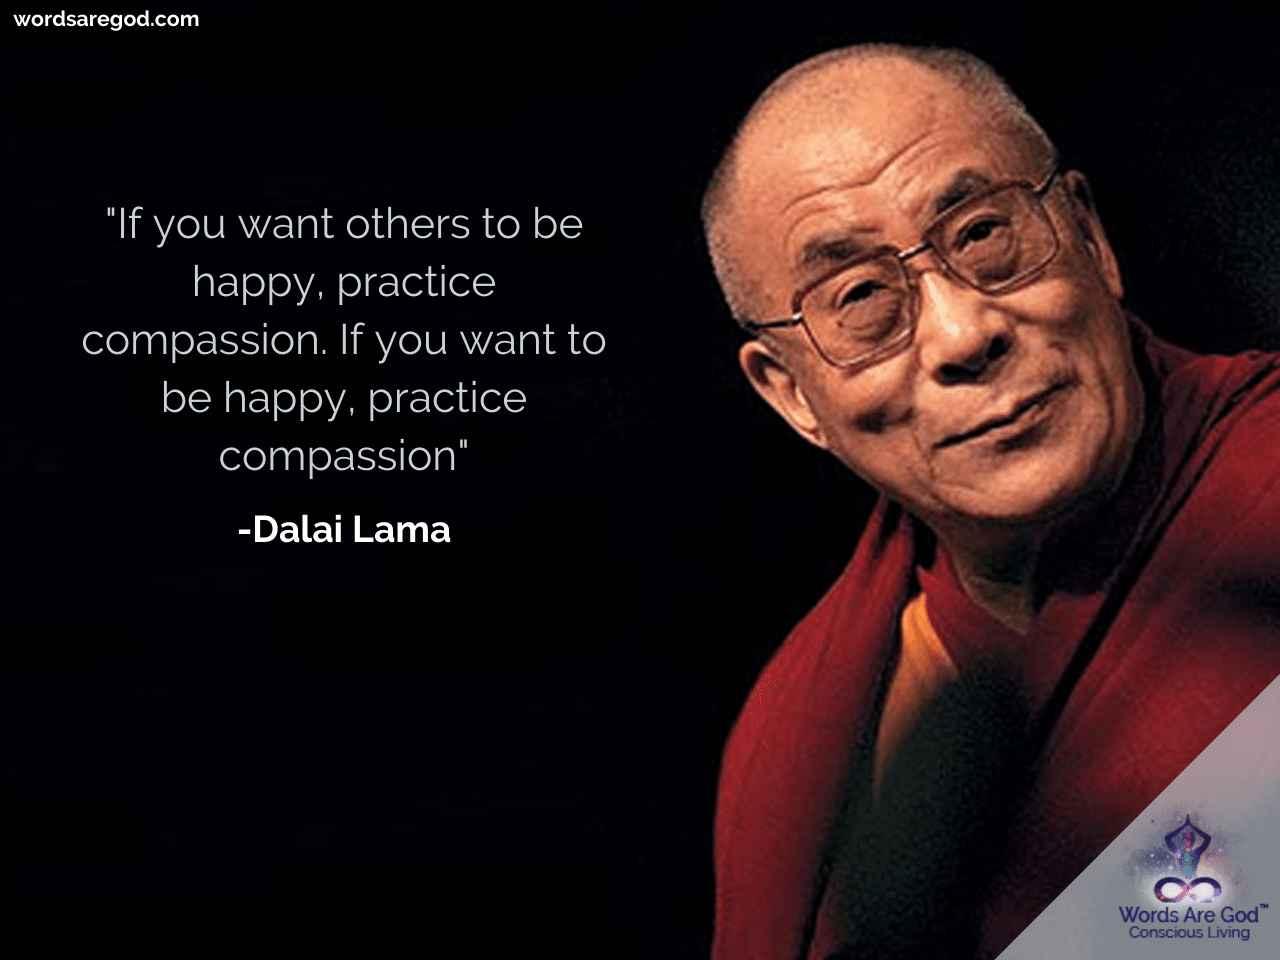 Dalai Lama Motivational Quote by Dalai Lama